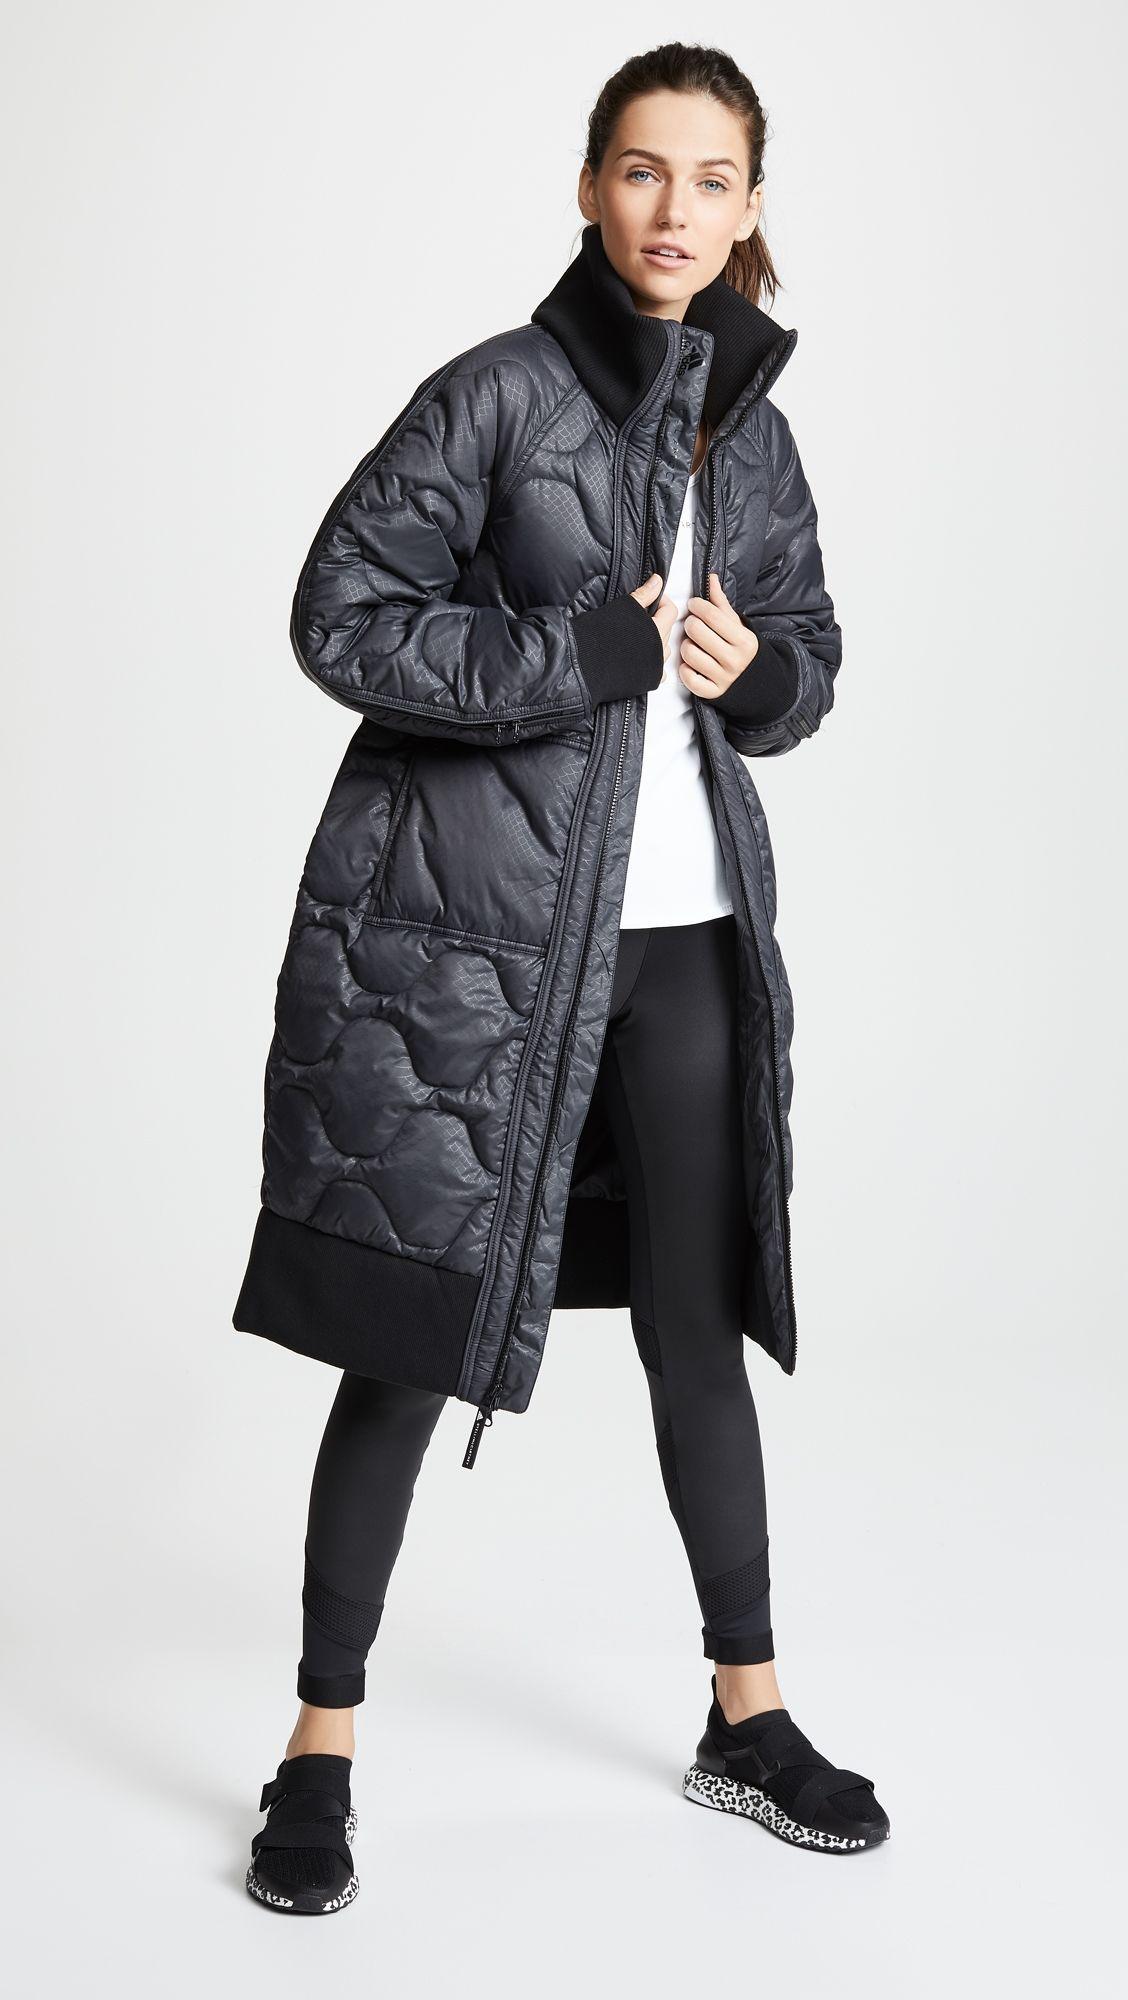 e86c7c3cd Athletic Long Padded Jacket   Products   Stella mccartney adidas ...